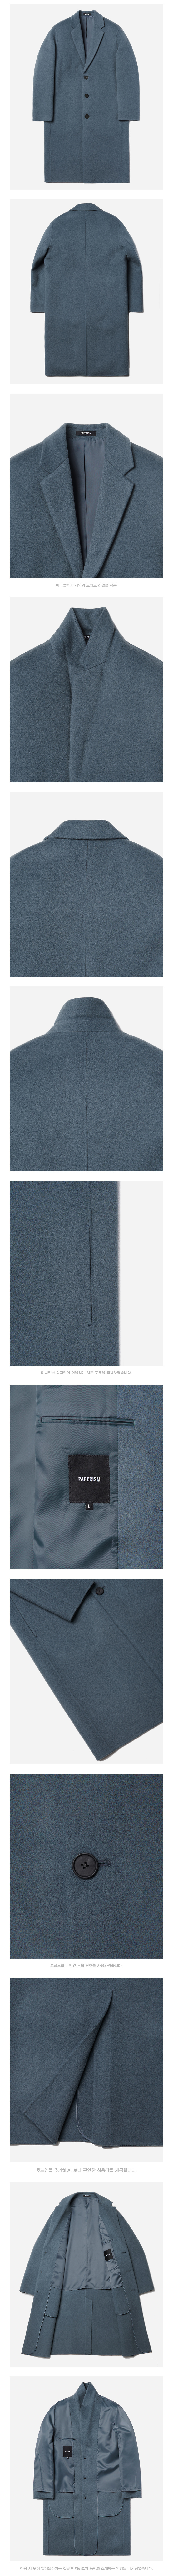 페이퍼리즘(PAPERISM) 핸드메이드 체스터 코트 [그레이쉬 블루]